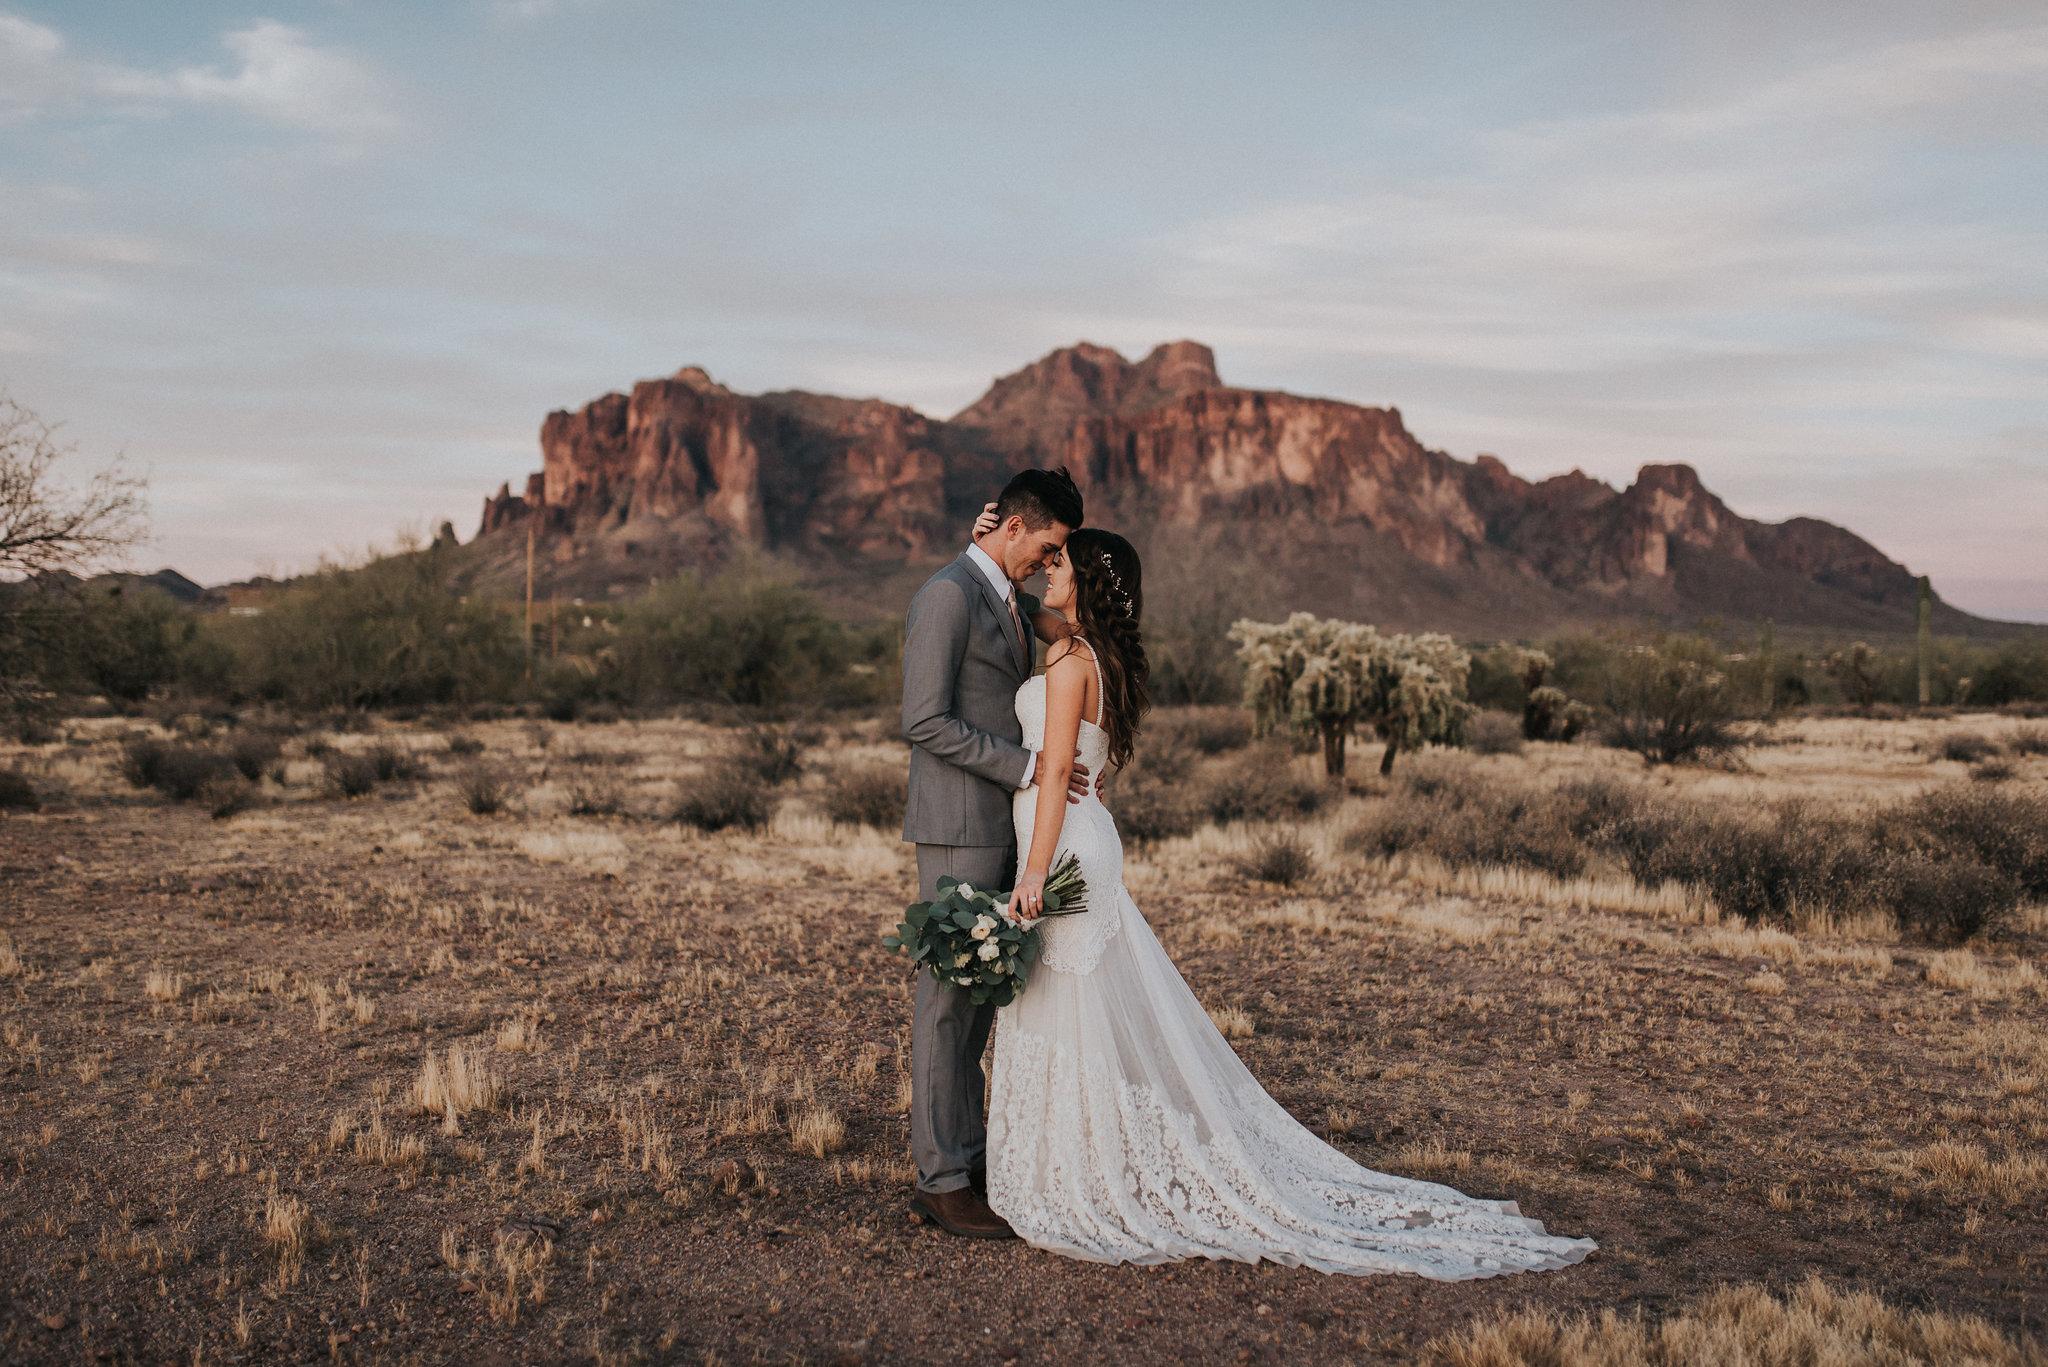 Paseo Wedding36.jpg